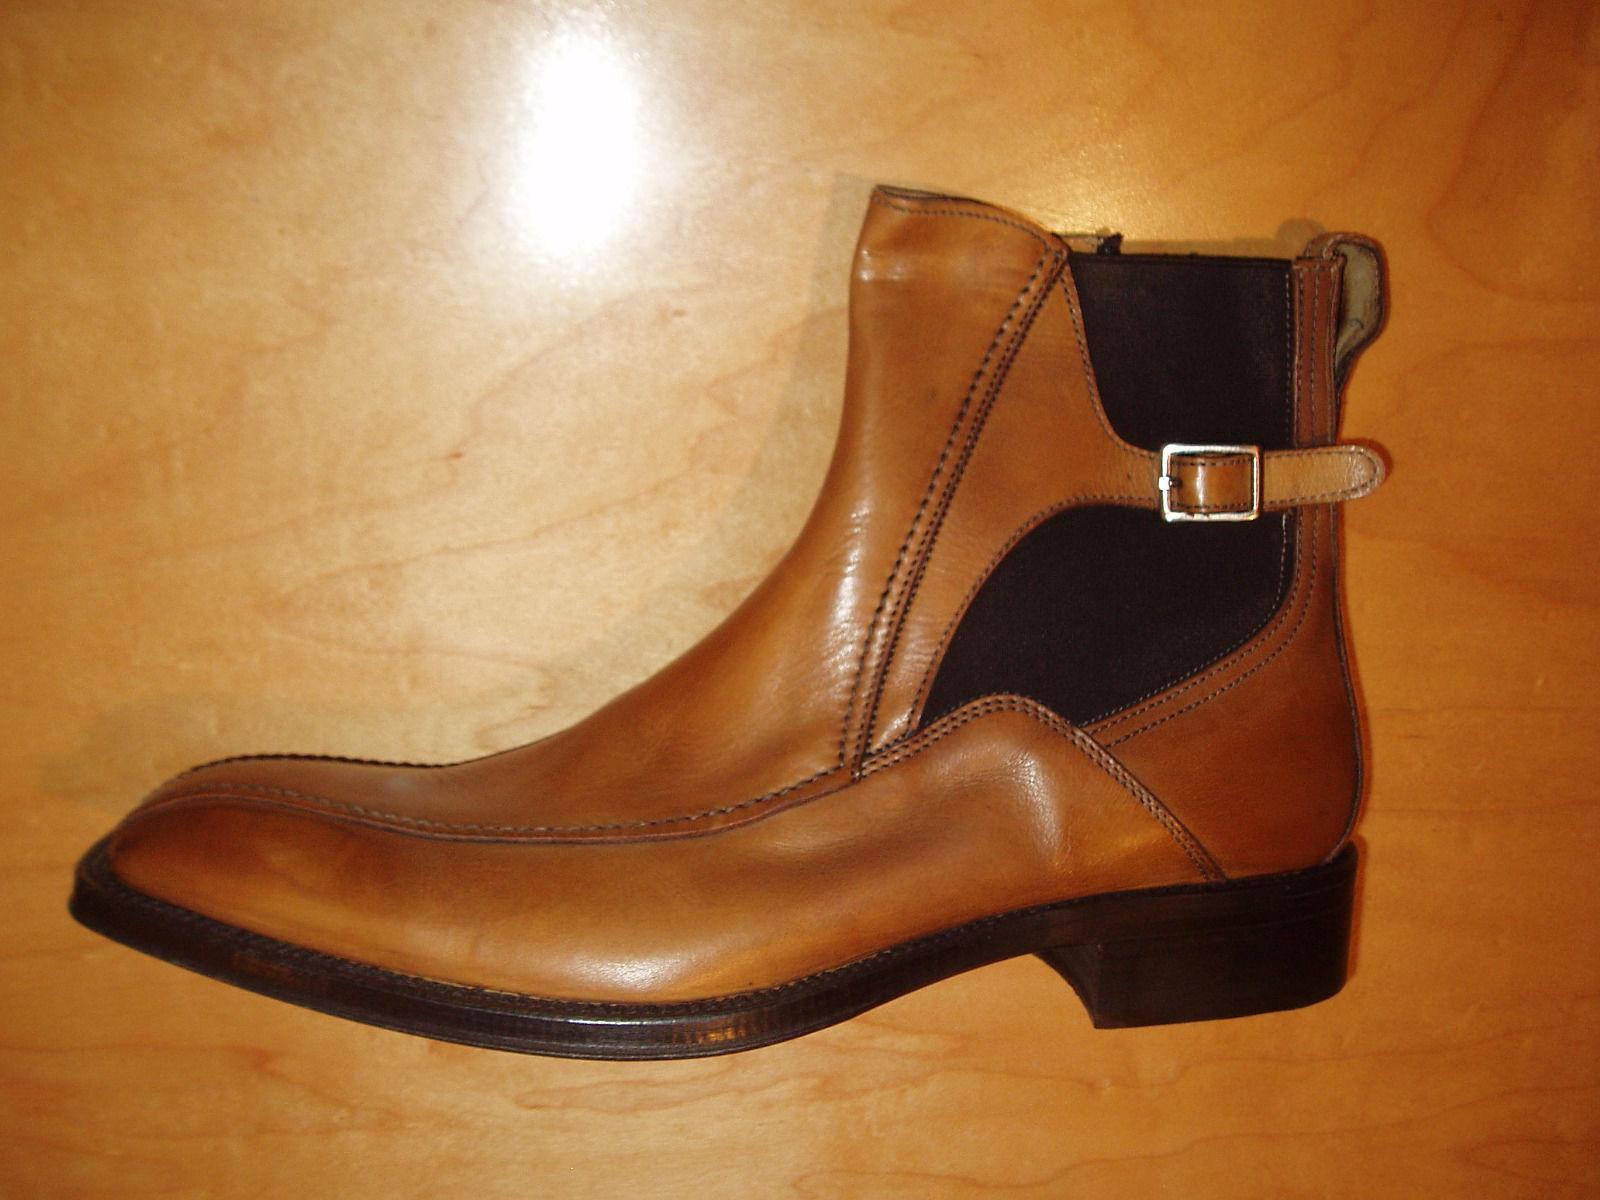 Uomo Alto Fatto A Mano Pelle Scarpe Tan Chelsea Alto Uomo Caviglia Stivali Leather Boots 65fa73